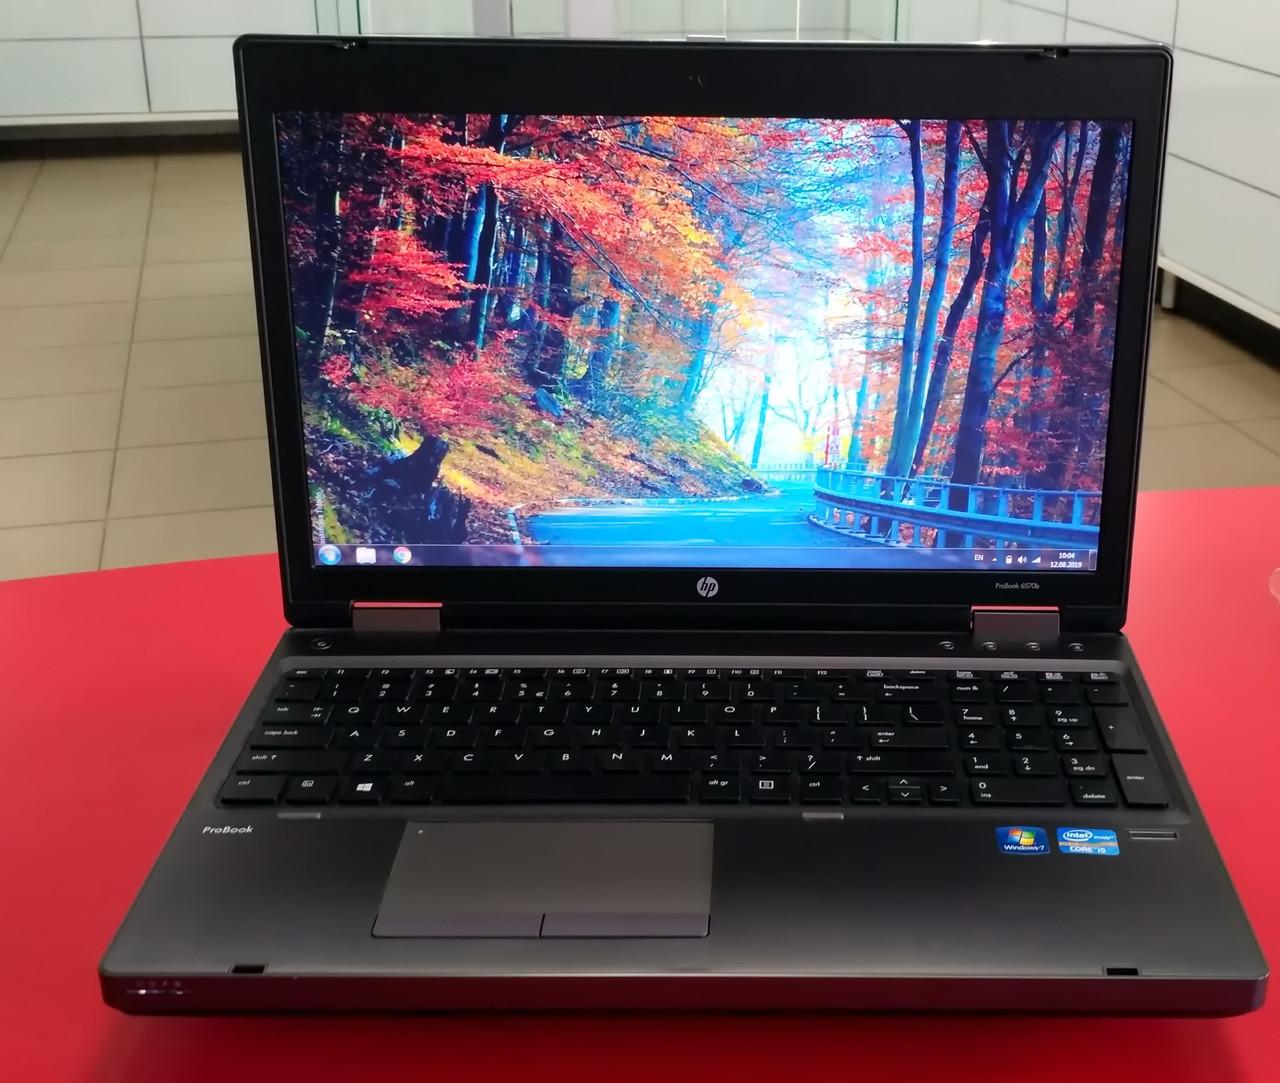 """Ноутбук HP ProBook 6570b 15.6"""" Intel Core i5 2.6 GHz 4 GB RAM 320 GB HDD Silver Б/У"""